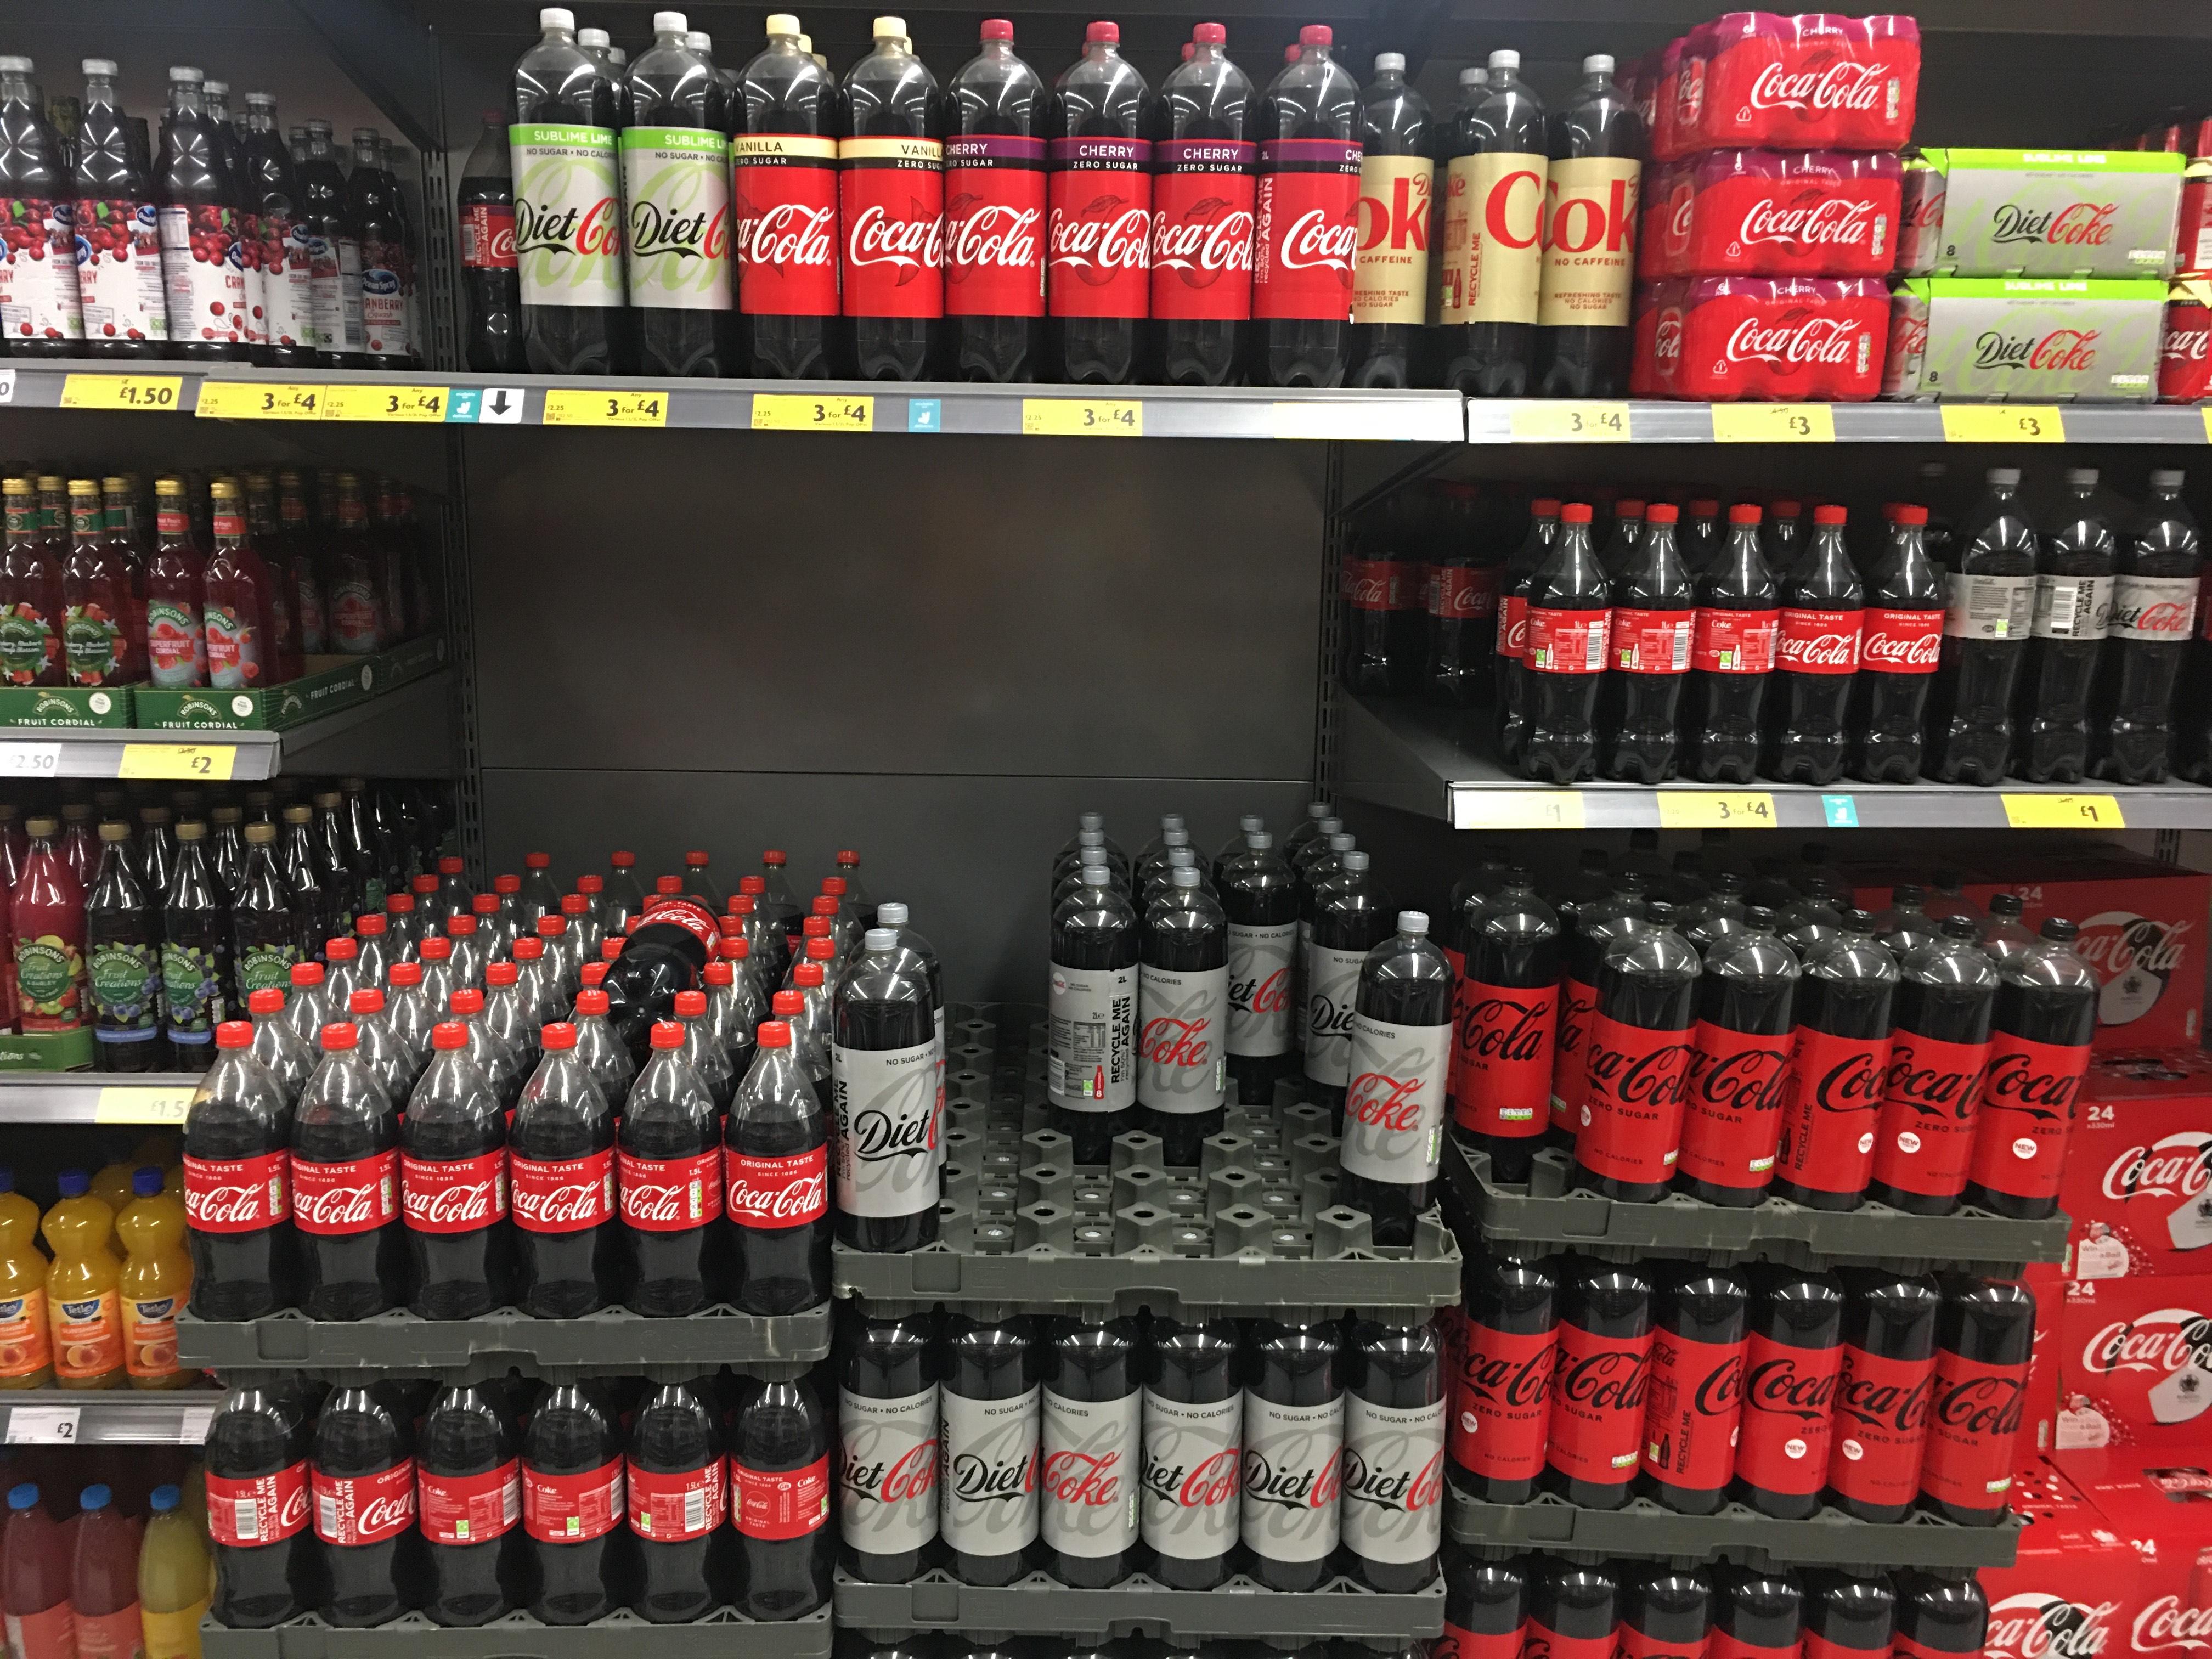 Coca Cola all varieties 1.5L / 2L 3 for £4 Morrison's Sutton